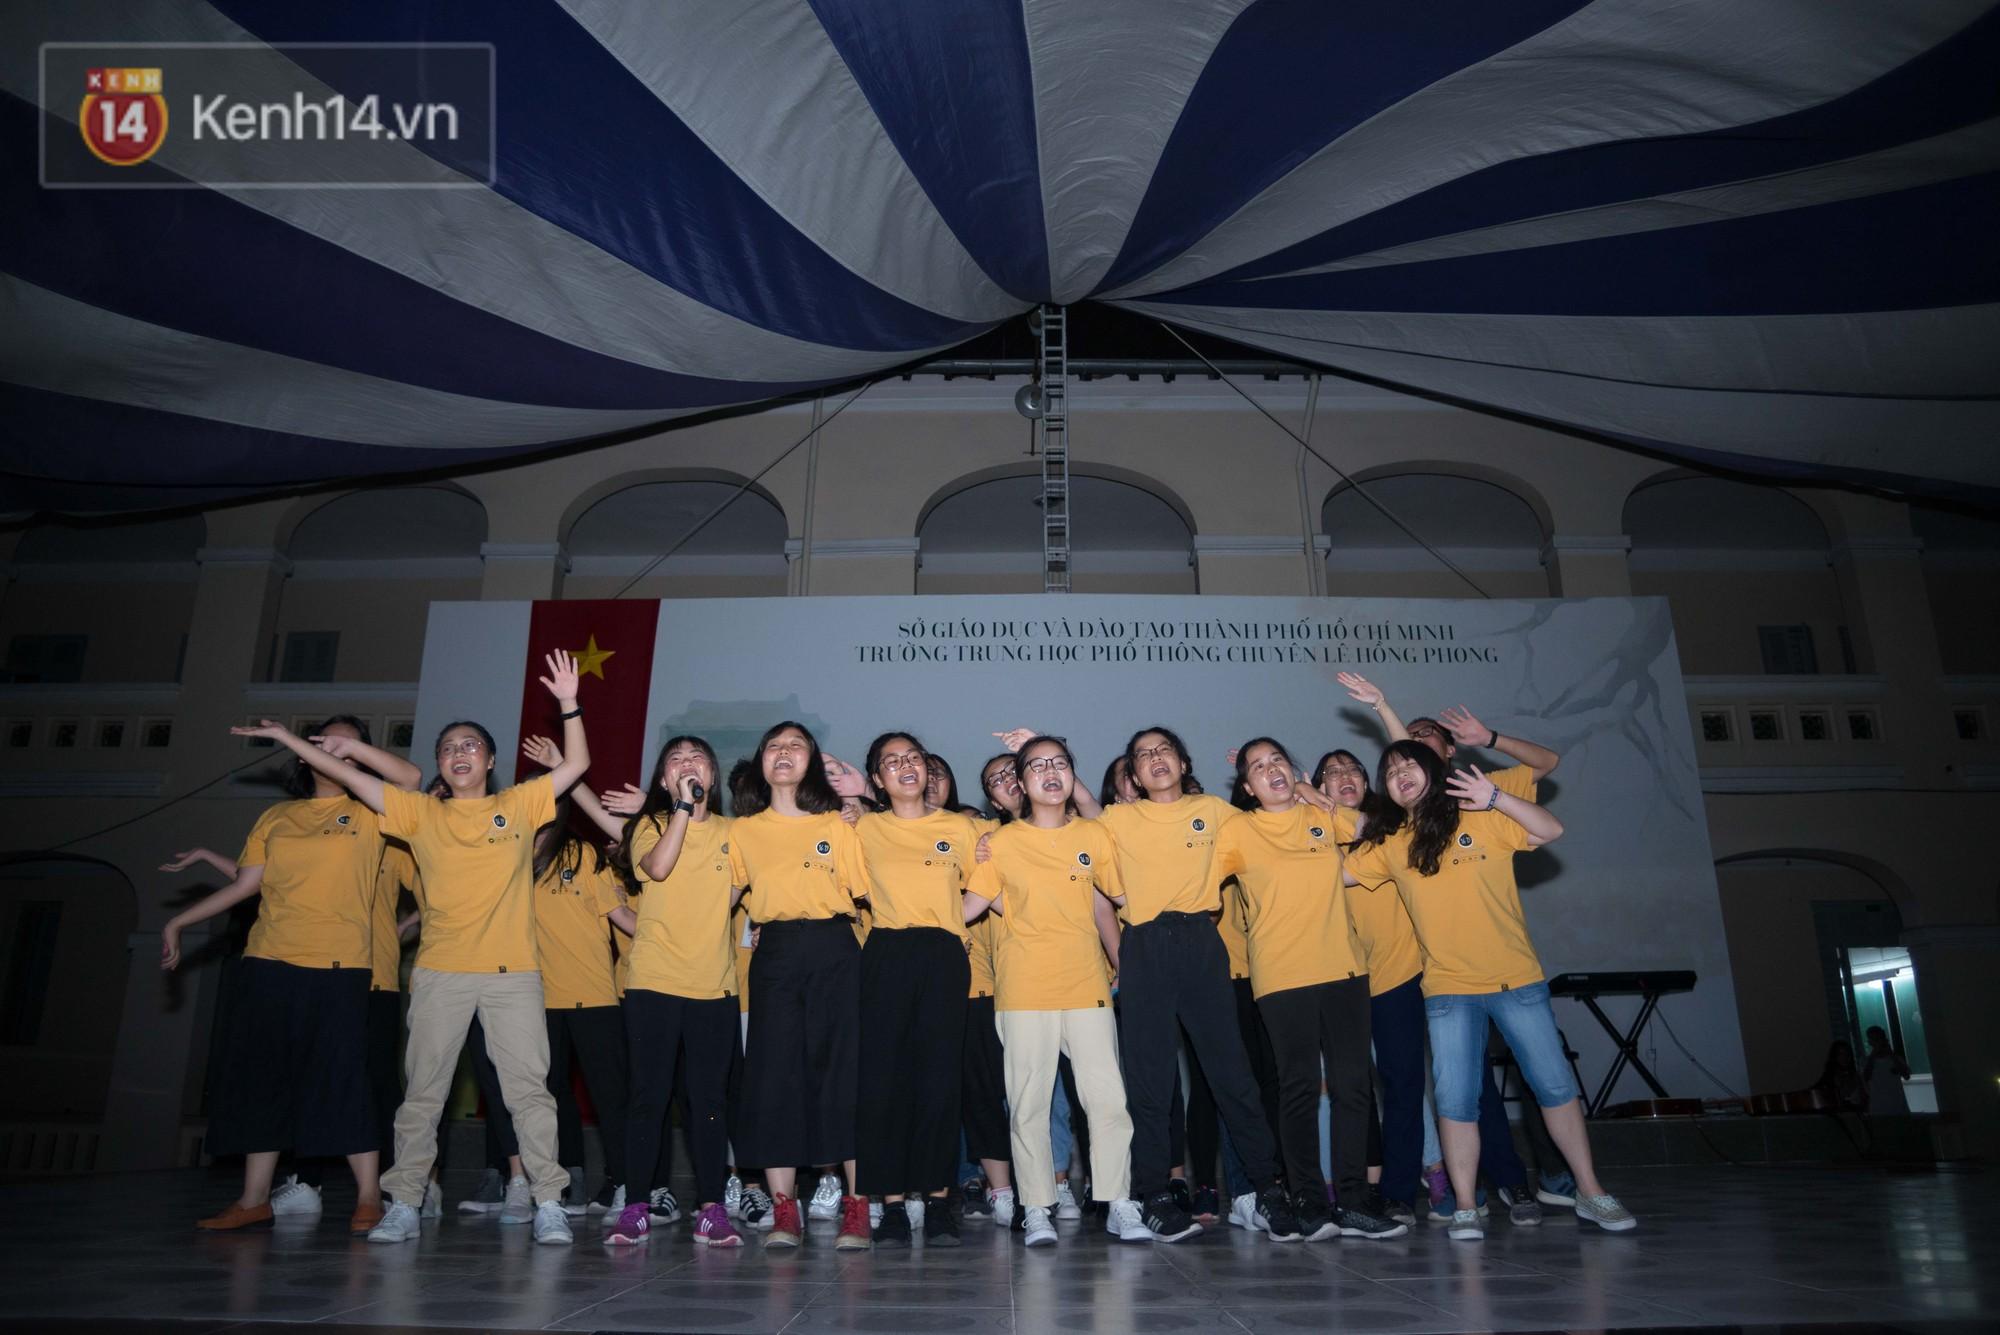 Những bài hát vui tươi được các lớp trình diễn trên sấu khấu nhằm mang đến một đêm chia tay của học sinh chuyên Lê Hồng Phong đầy kỷ niệm đẹp đẽ.